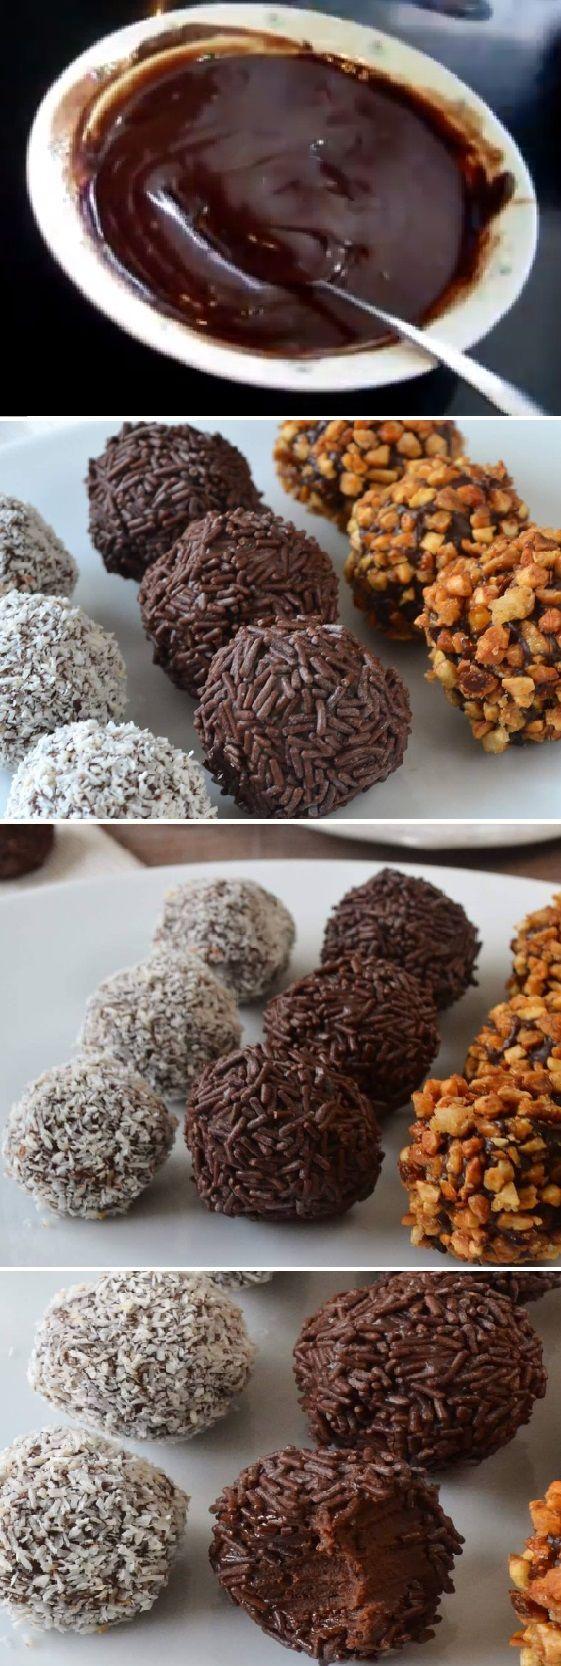 Nueva receta: TRUFAS DE CHOCOLATE AL COÑAC, cuando vemos lo fácil que es nos parece imposible. #trufas #bombones #conac #dulces #coco #coconut #almendra #tips #pain #bread #breadrecipes #パン #хлеб #brot #pane #crema #relleno #losmejores #cremas #rellenos #cakes #pan #panfrances #panettone #panes #pantone #pan #recetas #recipe #casero #torta #tartas #pastel #nestlecocina #bizcocho #bizcochuelo #tasty #cocina #chocolate Si te gusta dinos HOLA y dale a Me Gusta MIREN...